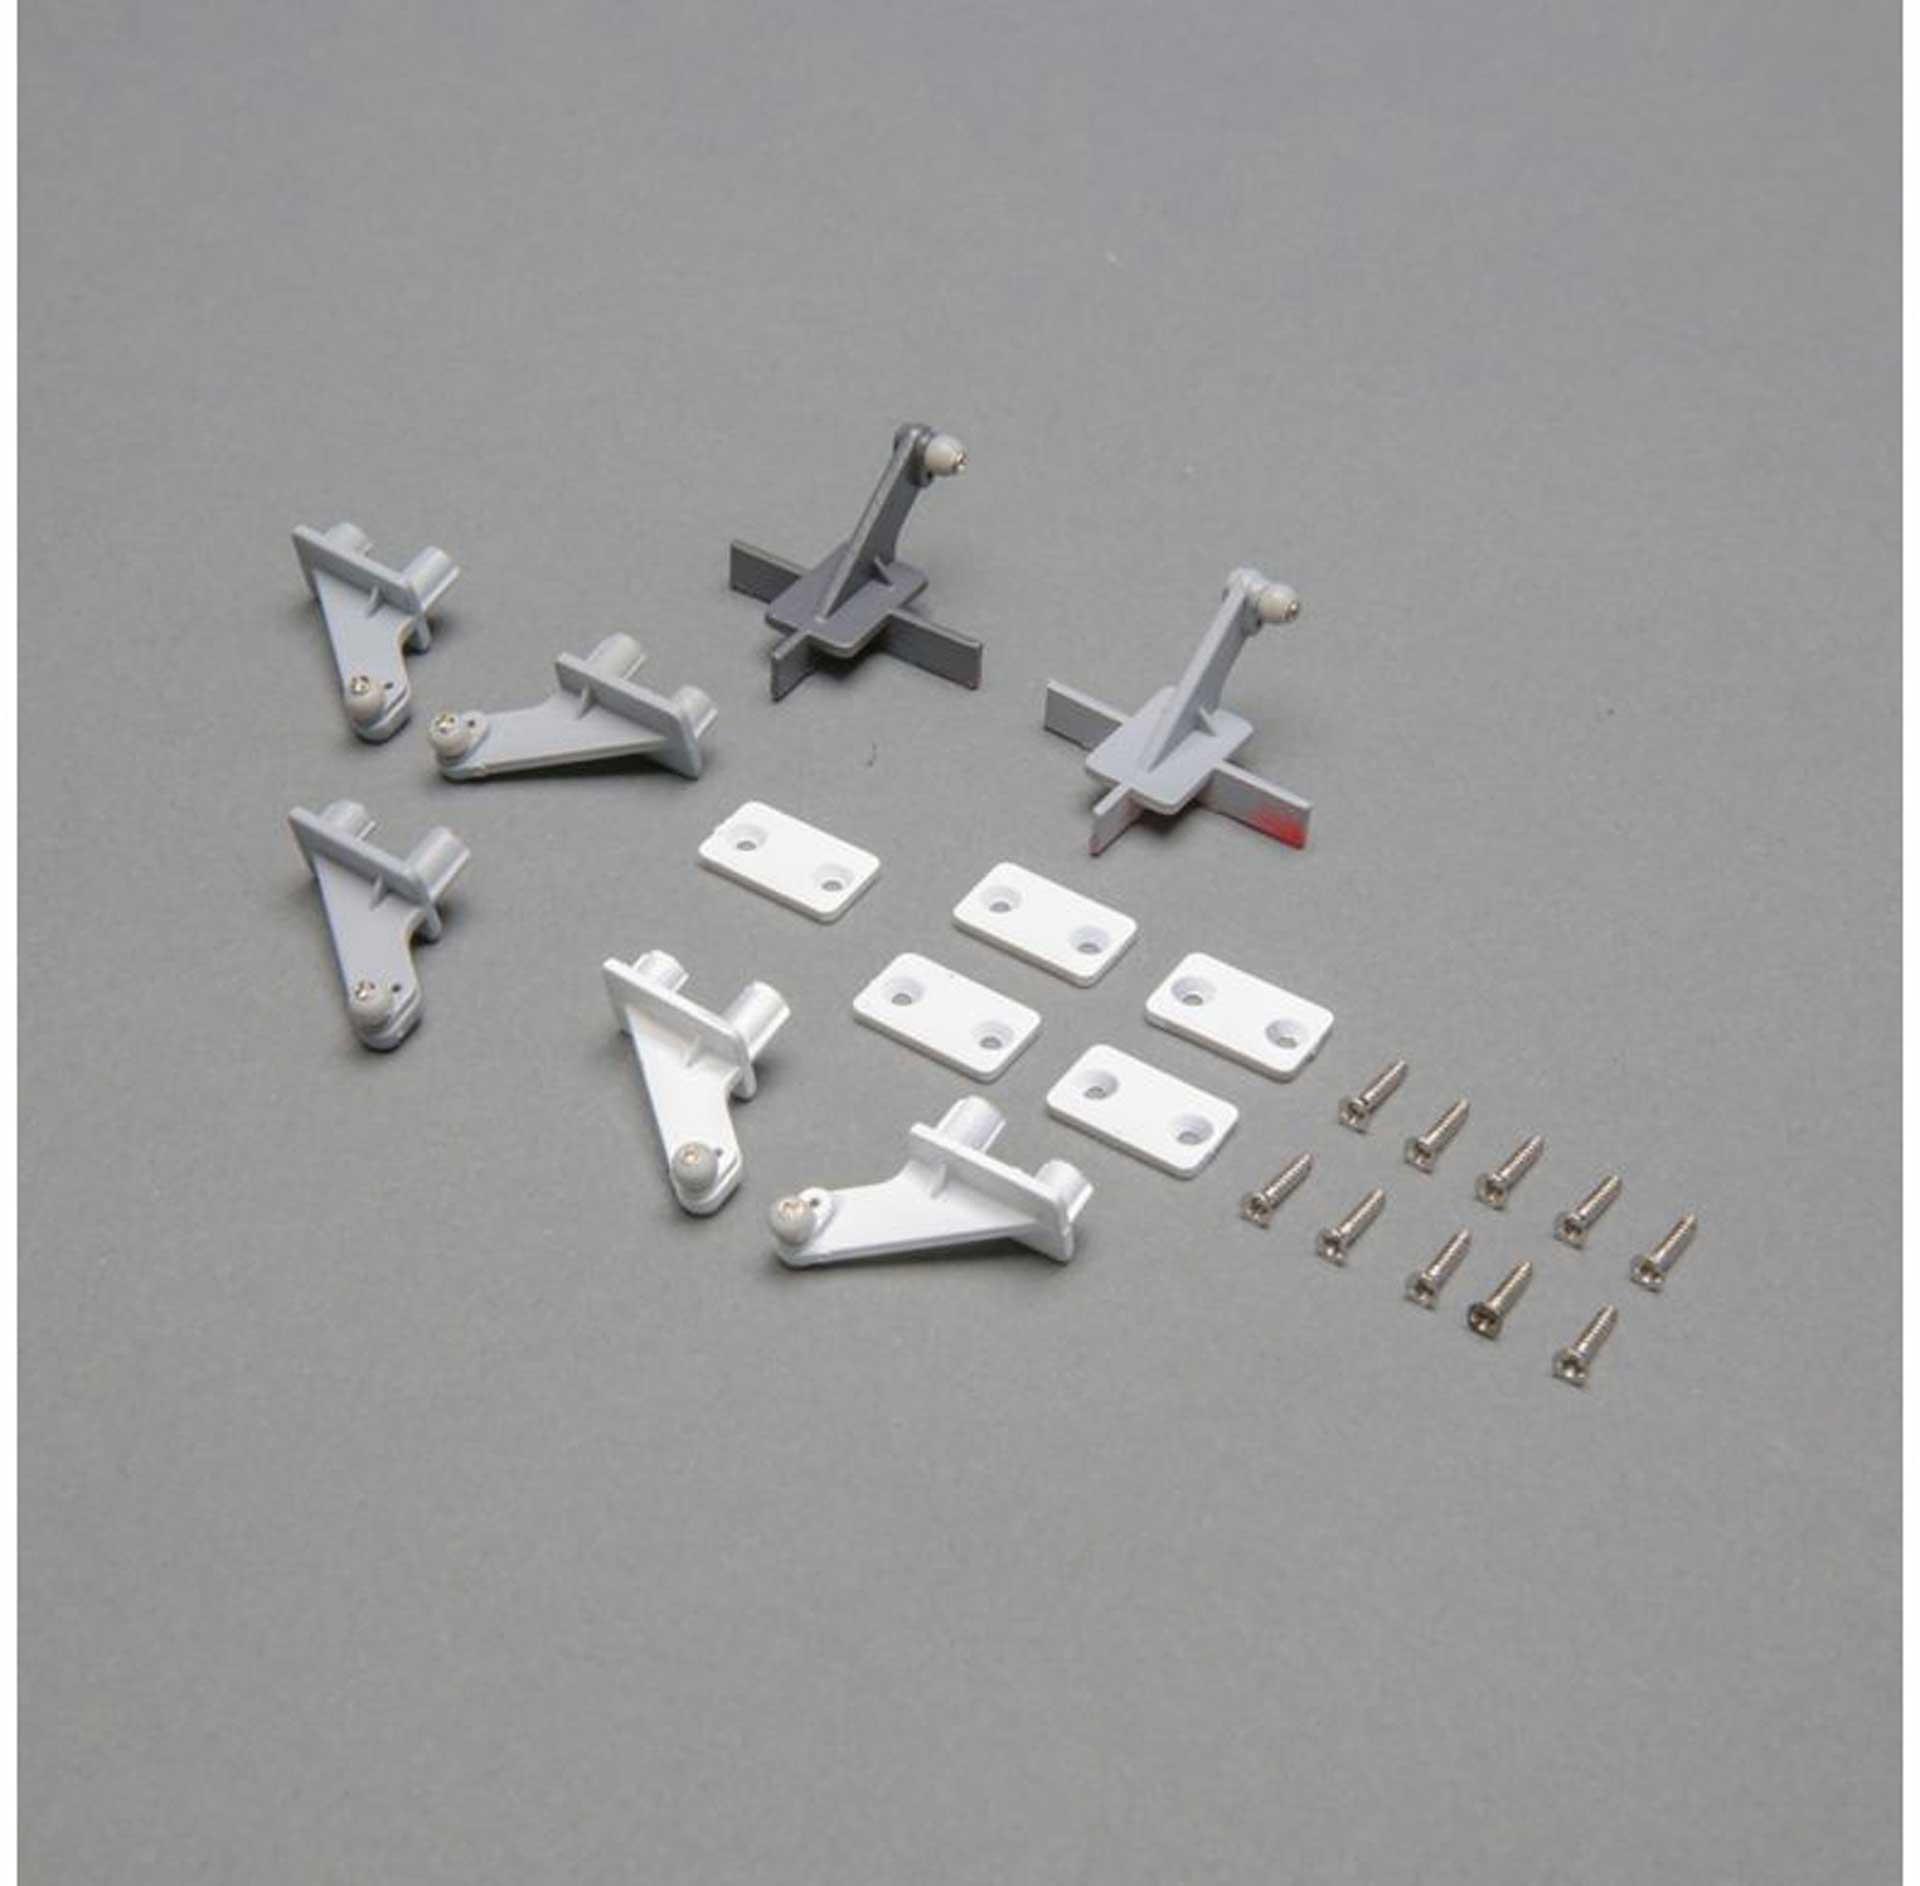 E-Flite Control Horns: Viper 70mm